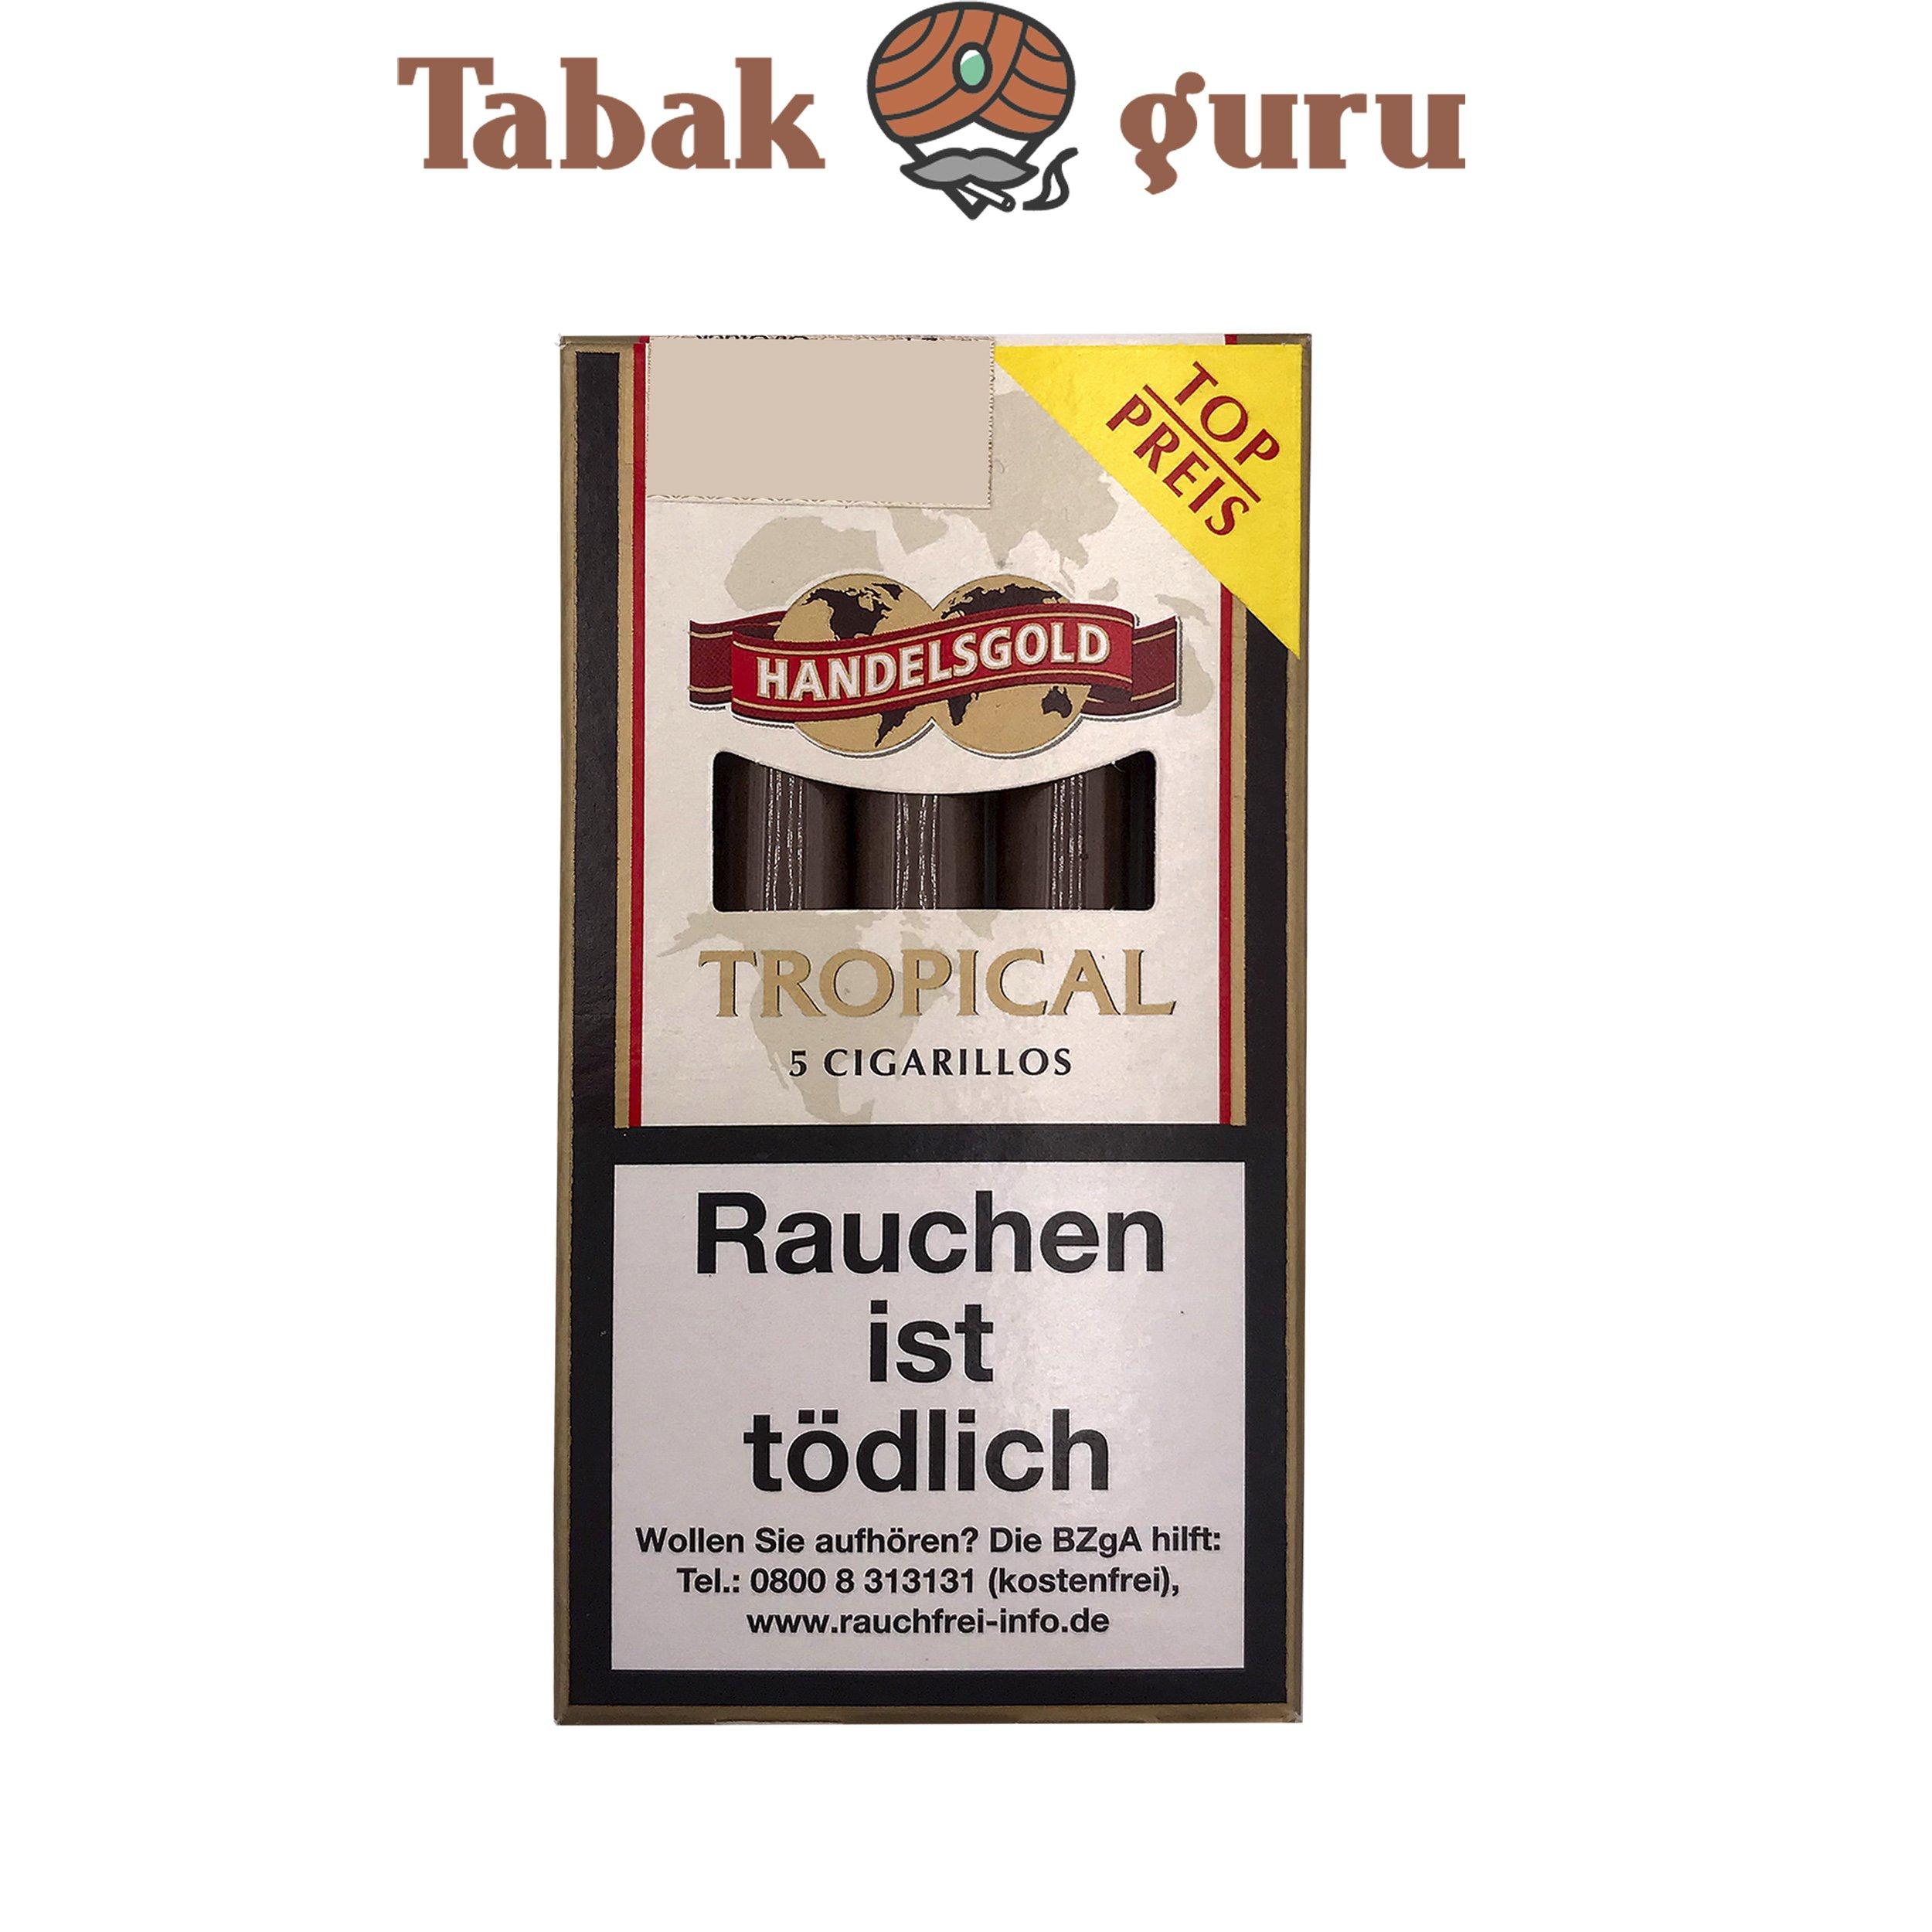 Handelsgold Tropical No. 190 Filterzigarillos a 5 Stück